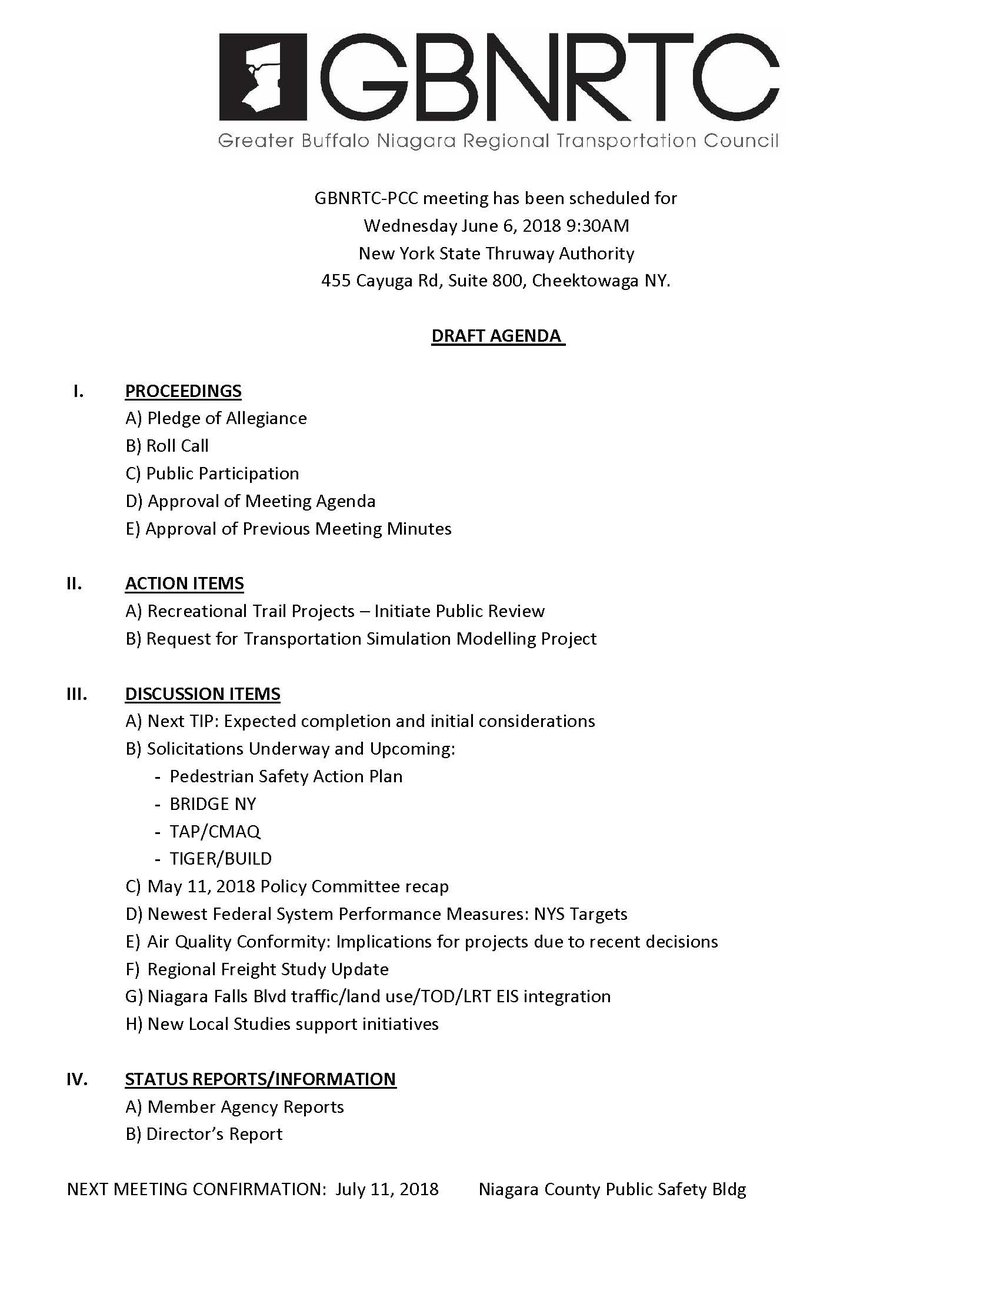 GBNRTC PCC Agenda June 6th, 2018